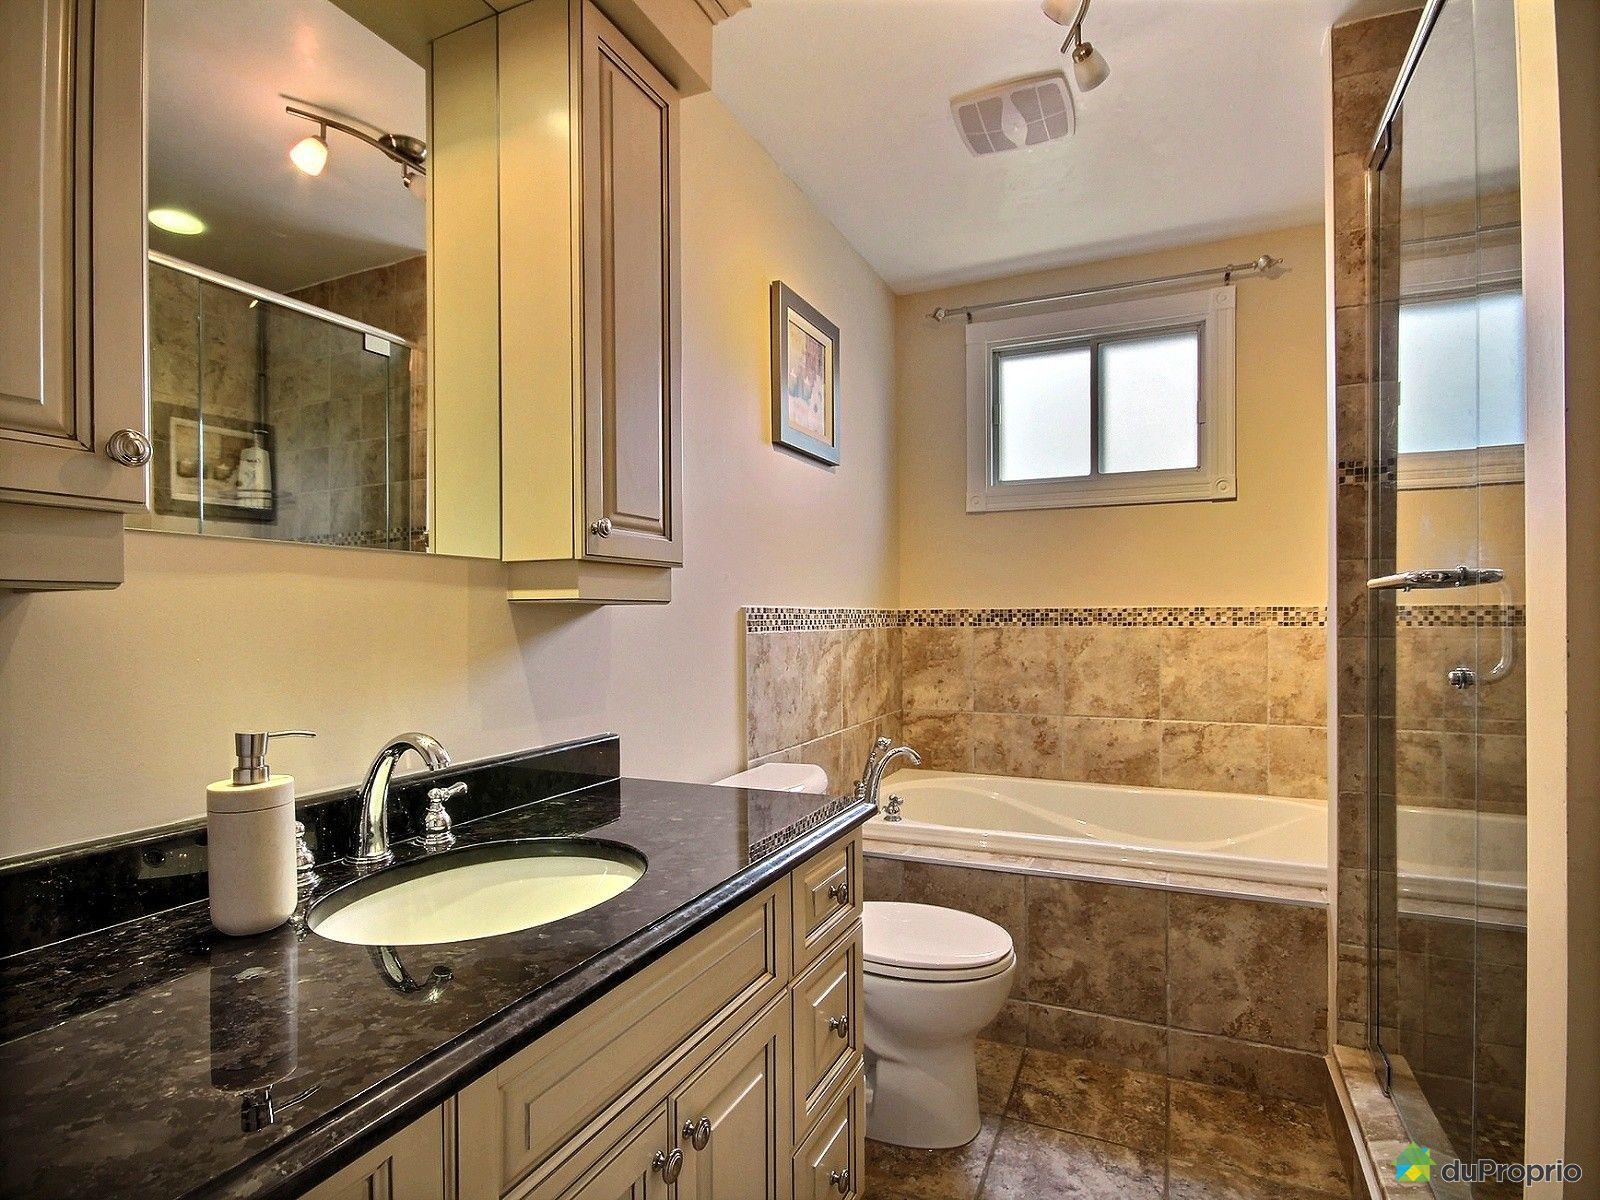 Maison vendre chomedey 4360 rue gonthier immobilier qu bec duproprio 704159 - Gonthier cuisine et salle de bain ...